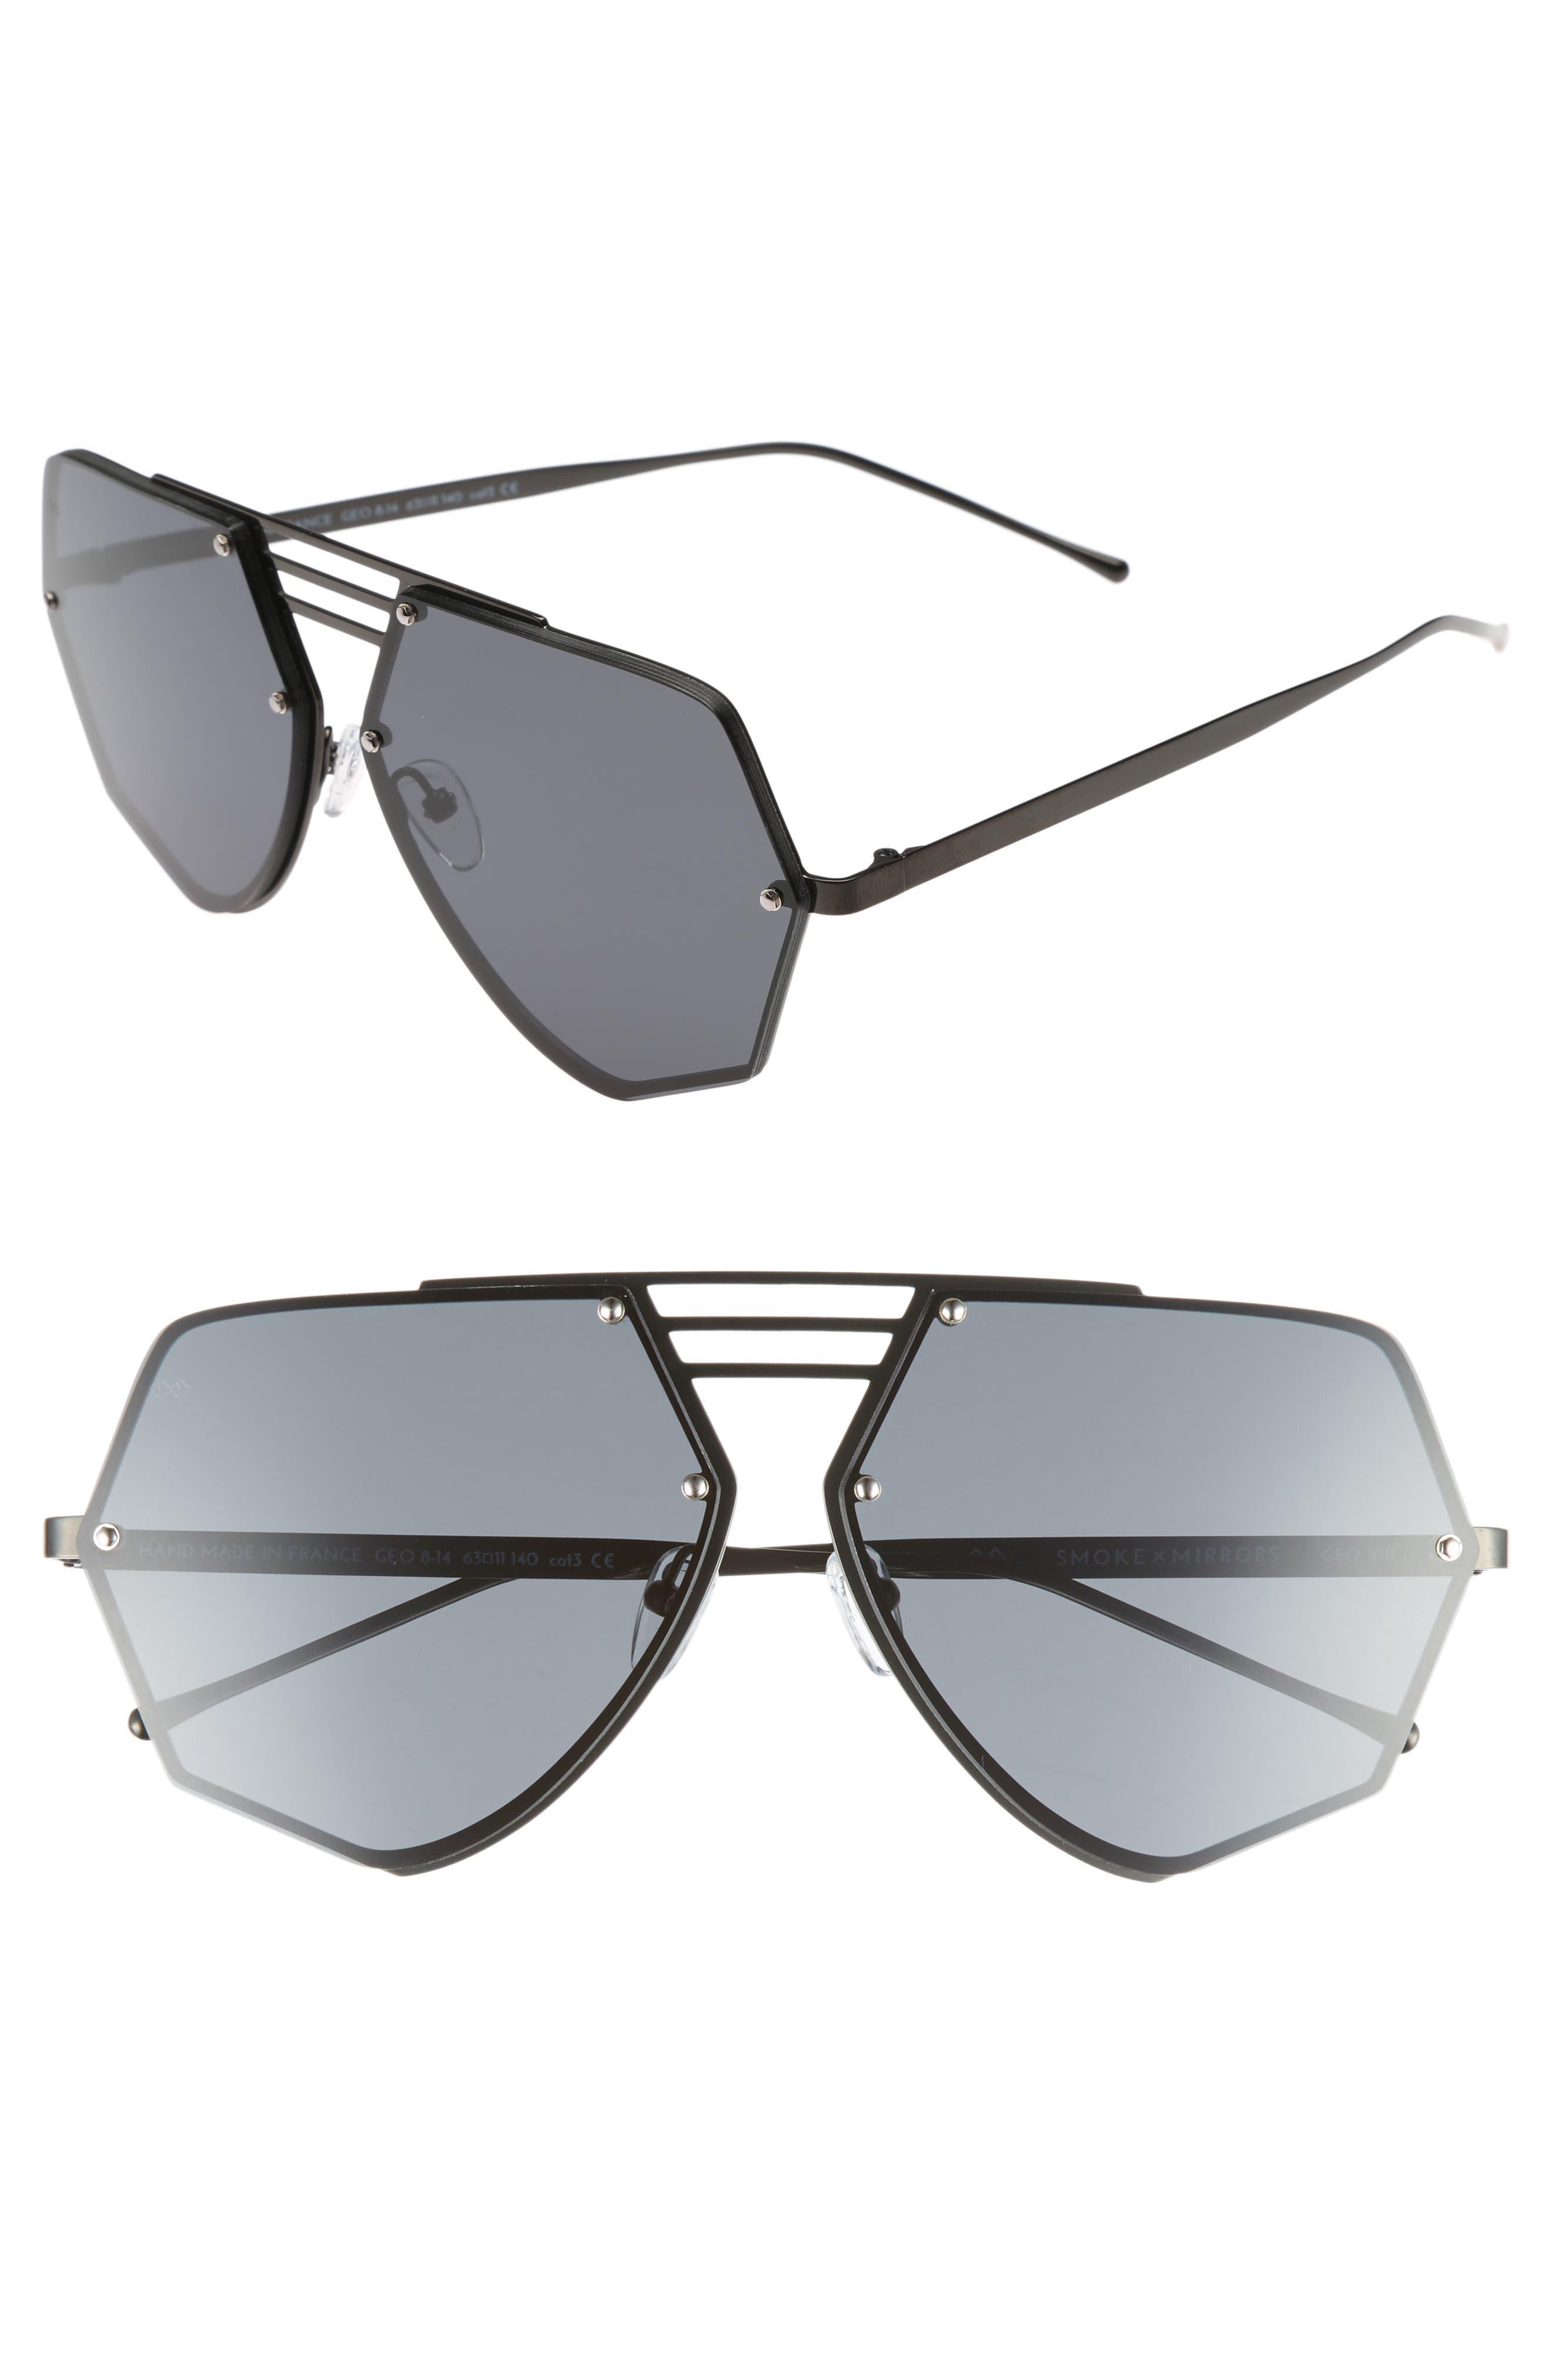 Geo VIII 63mm Sunglasses,                             Main thumbnail 1, color,                             Dark Gunmetal/ Dark Grey